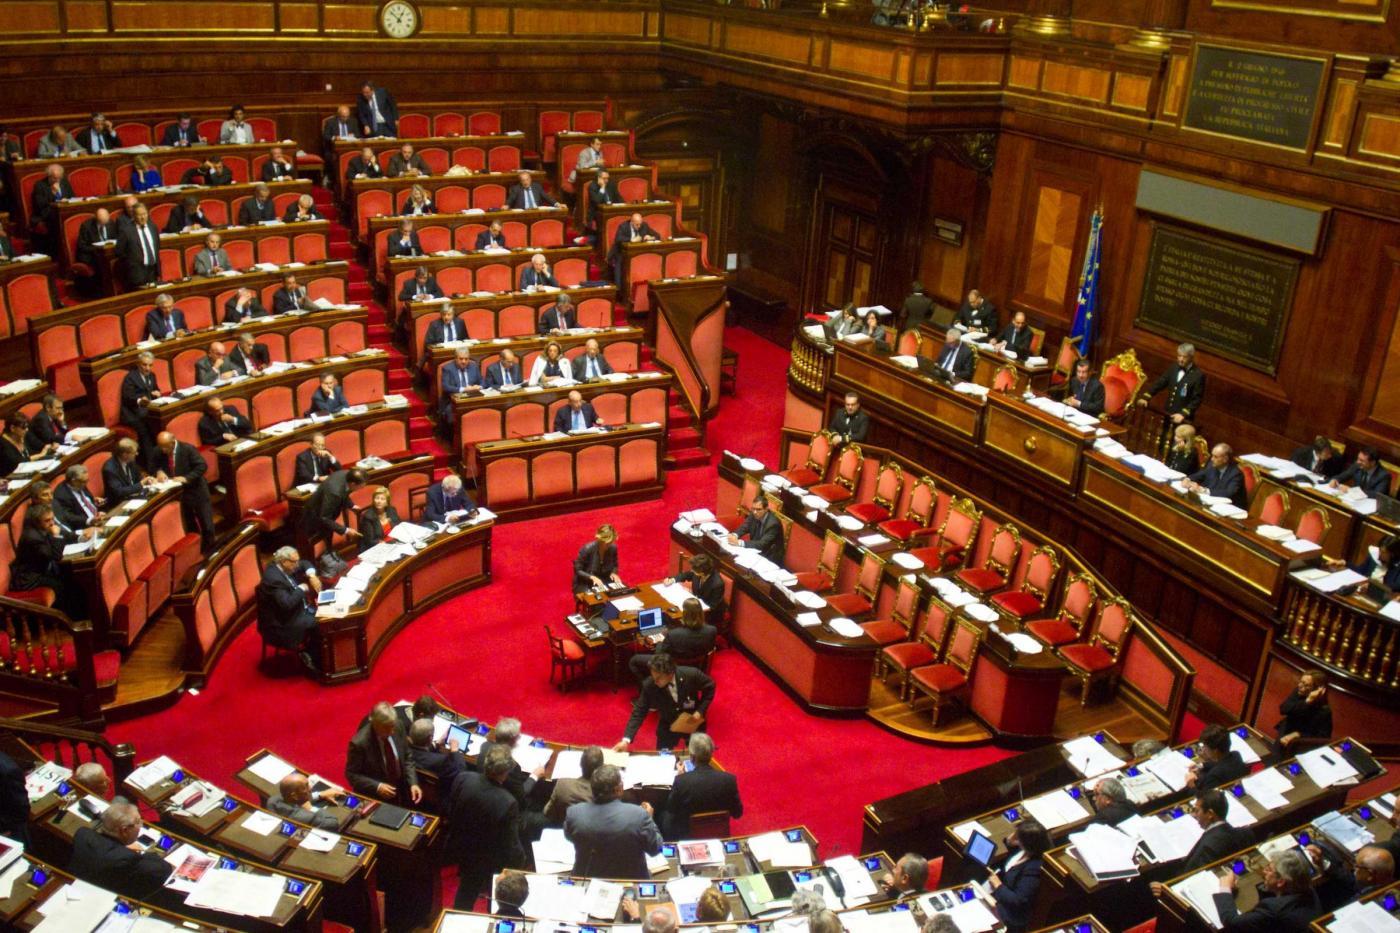 Femminicidio convenzione di istanbul legge il senato for Composizione del parlamento italiano oggi